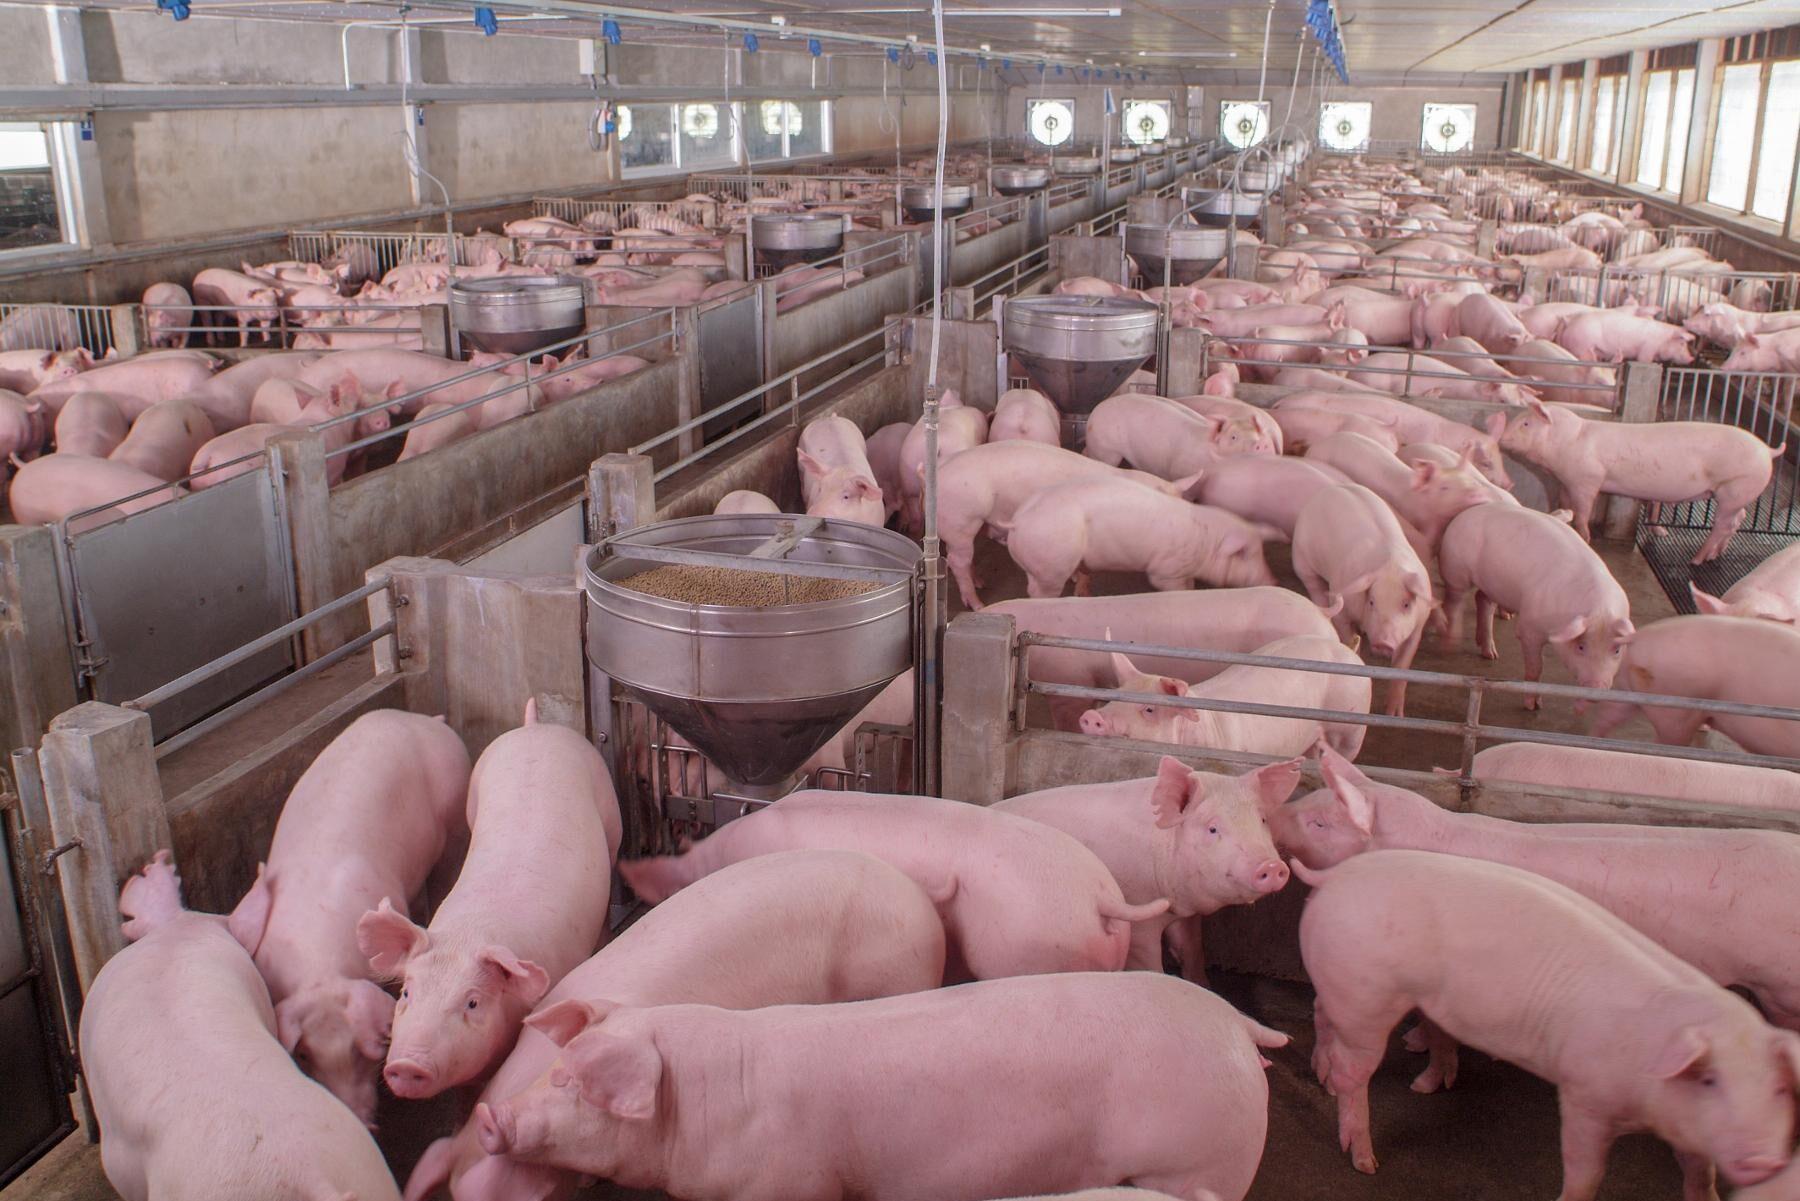 Efterfrågan på griskött är större än utbudet i stora delar av Europa.